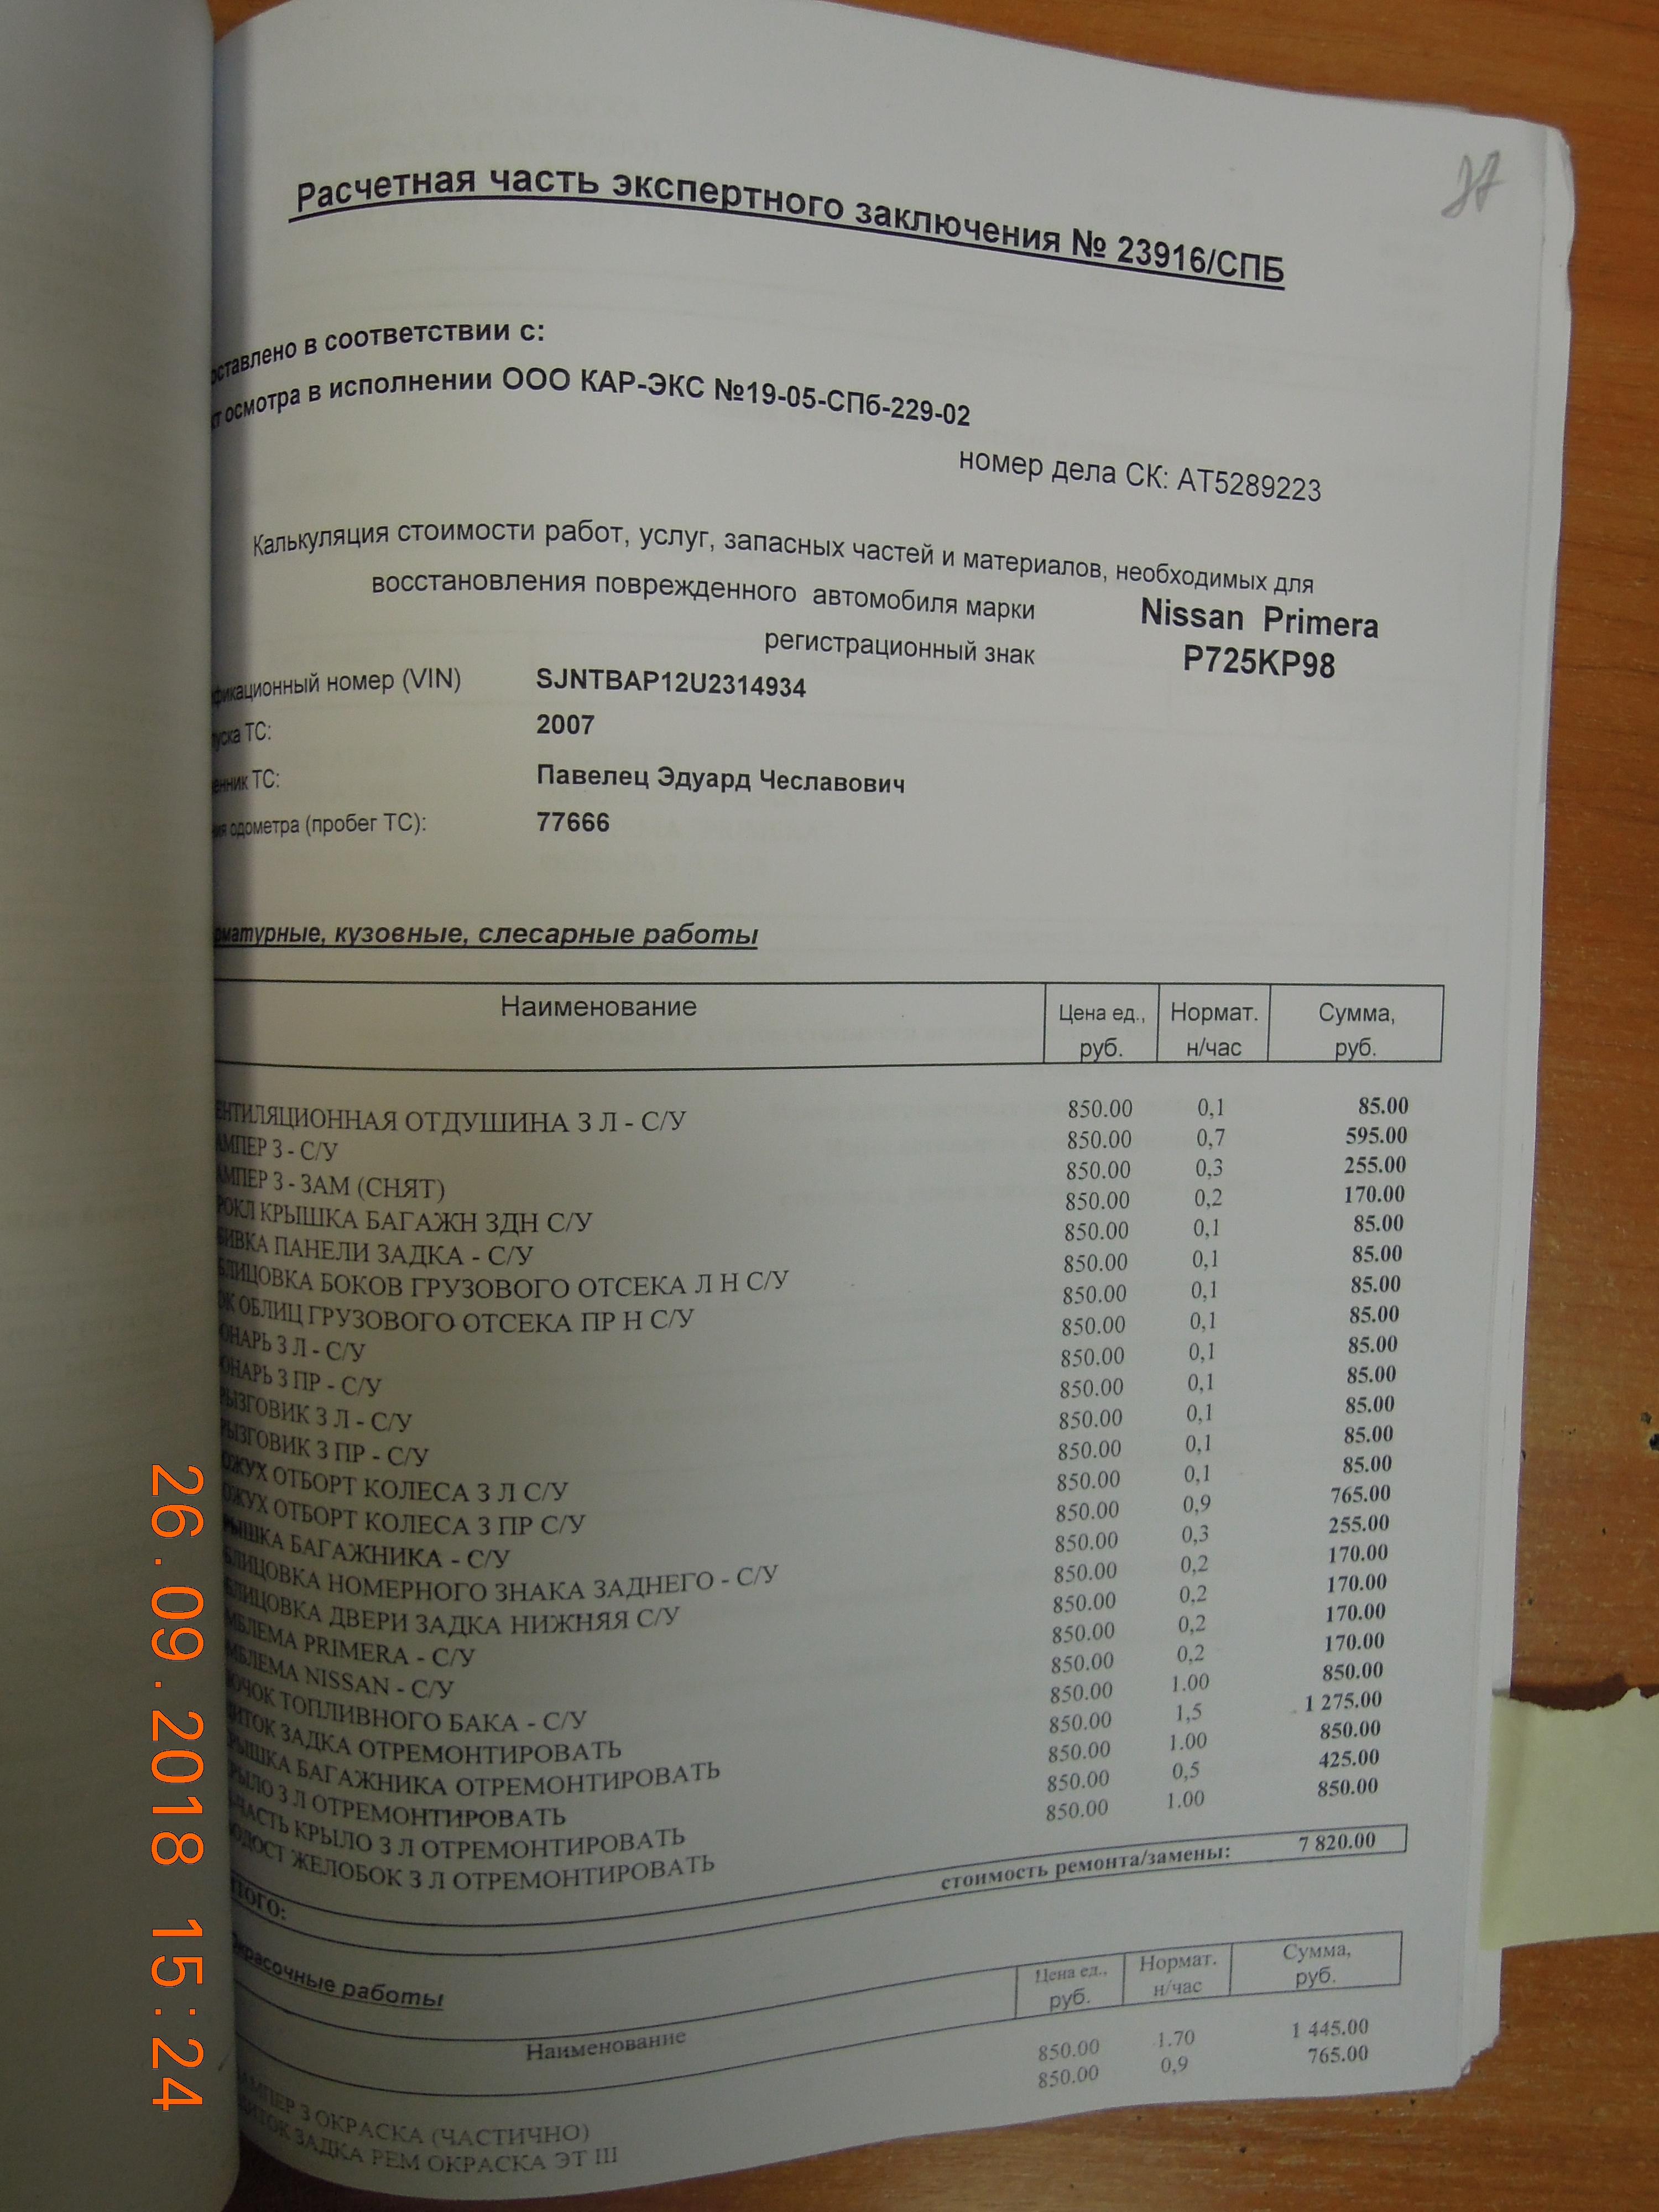 DSCN4522.JPG